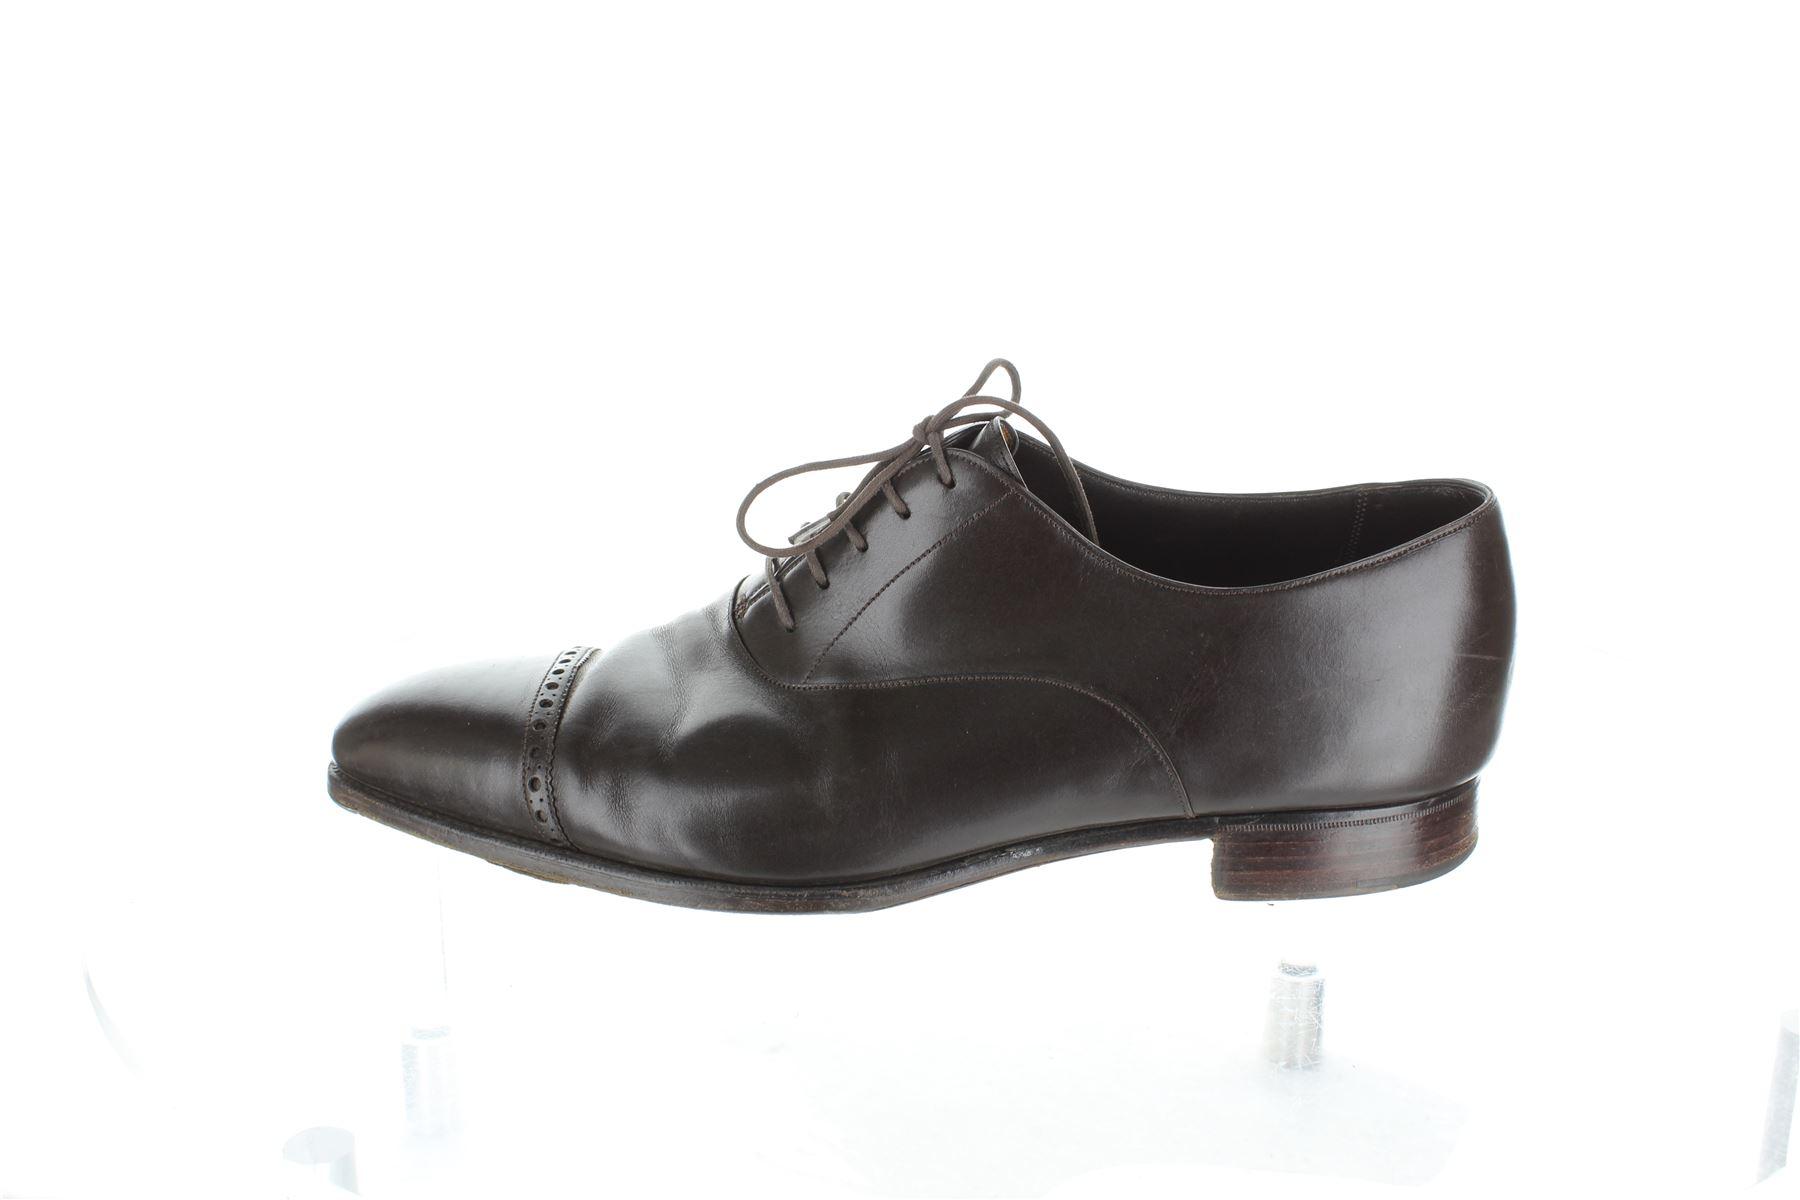 e1903d90a5 Détails sur GAZIANO & GIRLING Brown Chaussures à lacets, UK 10 US 11 EU 44